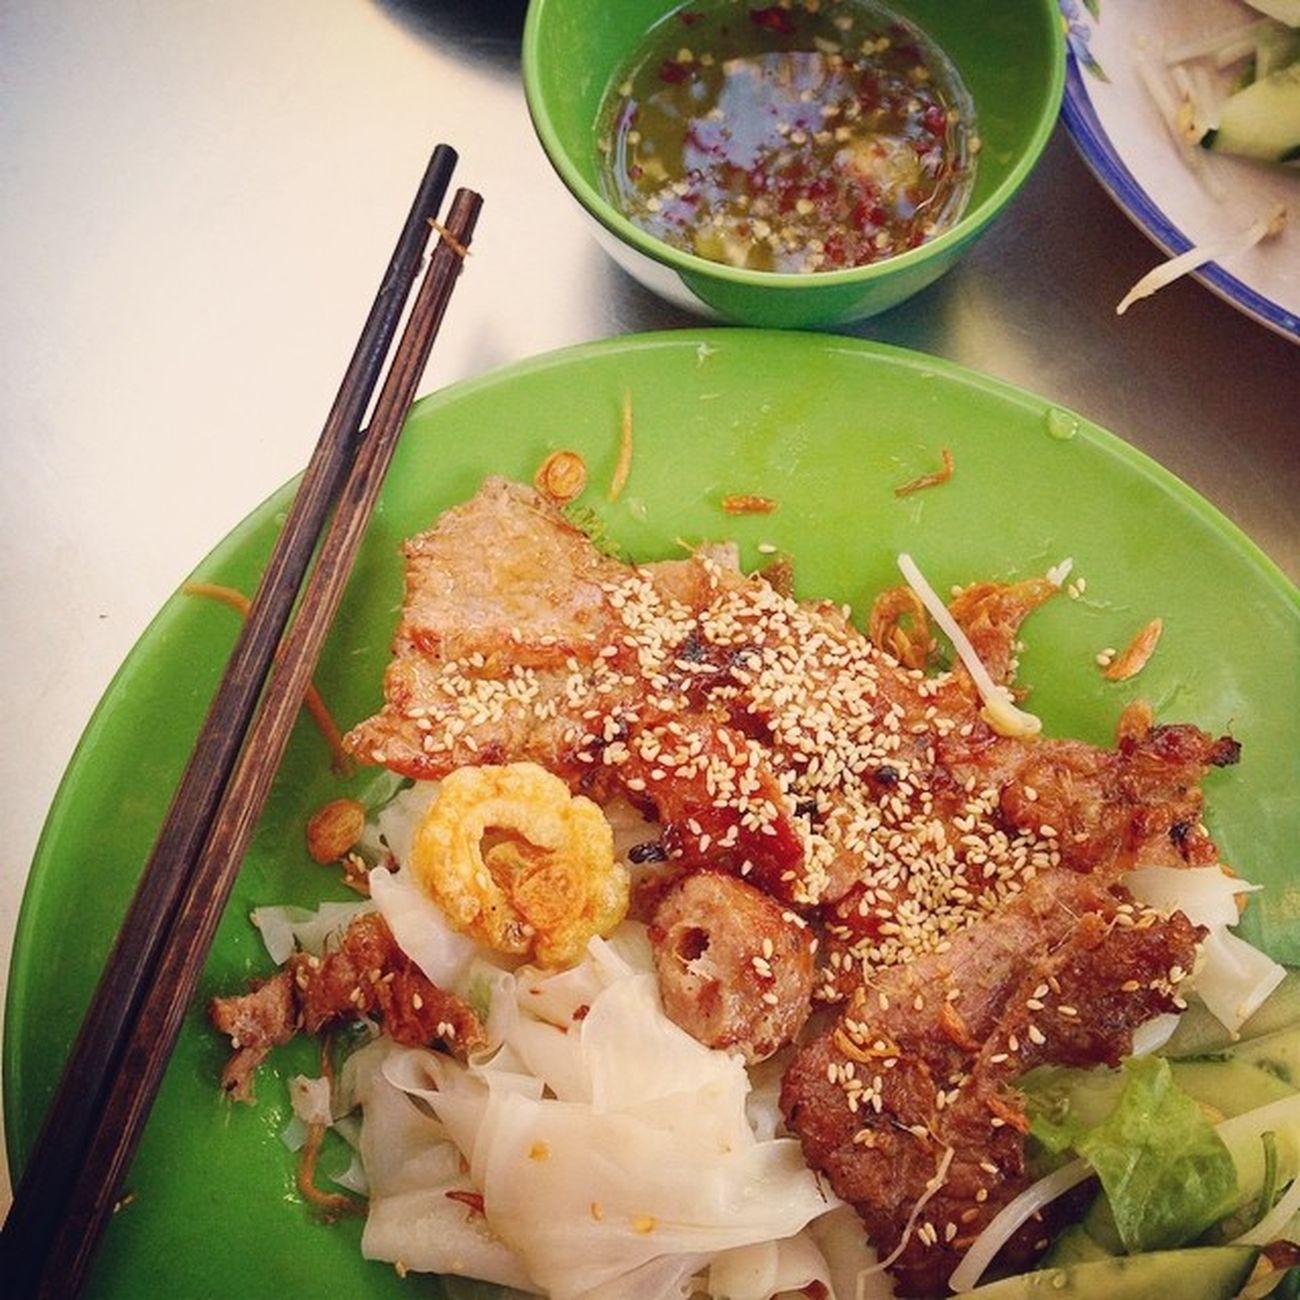 Bánh cuốn...ăn gần hết dĩa ms nhớ là chưa chụp hình...=)))))) Breakfast Springroll Porkbarbecue Fishsauce vietnamesefood instafood delicious yummy enjoy ?????????